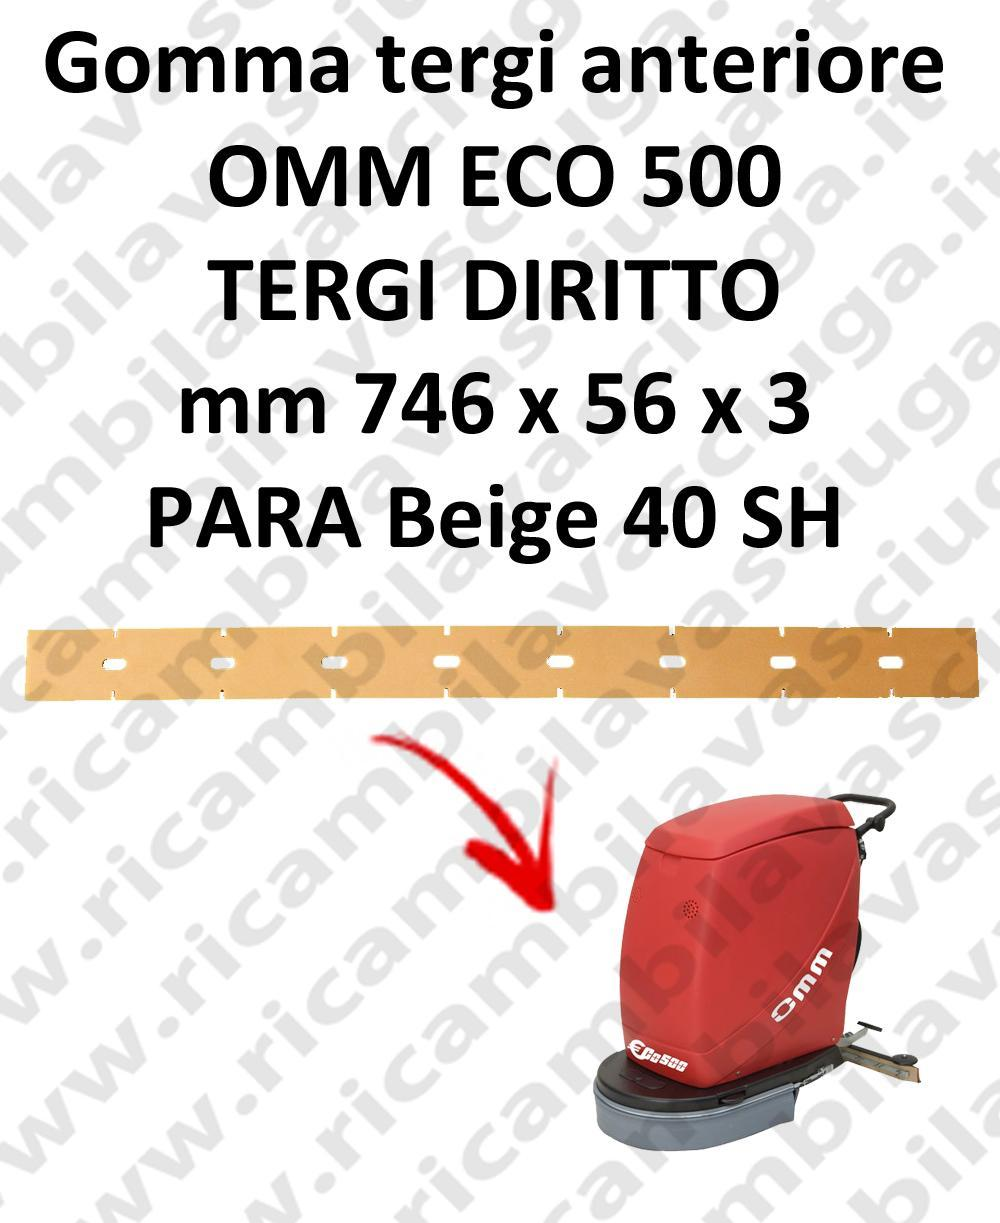 ECO 500 BAVETTE AVANT pour autolaveuses droit OMM